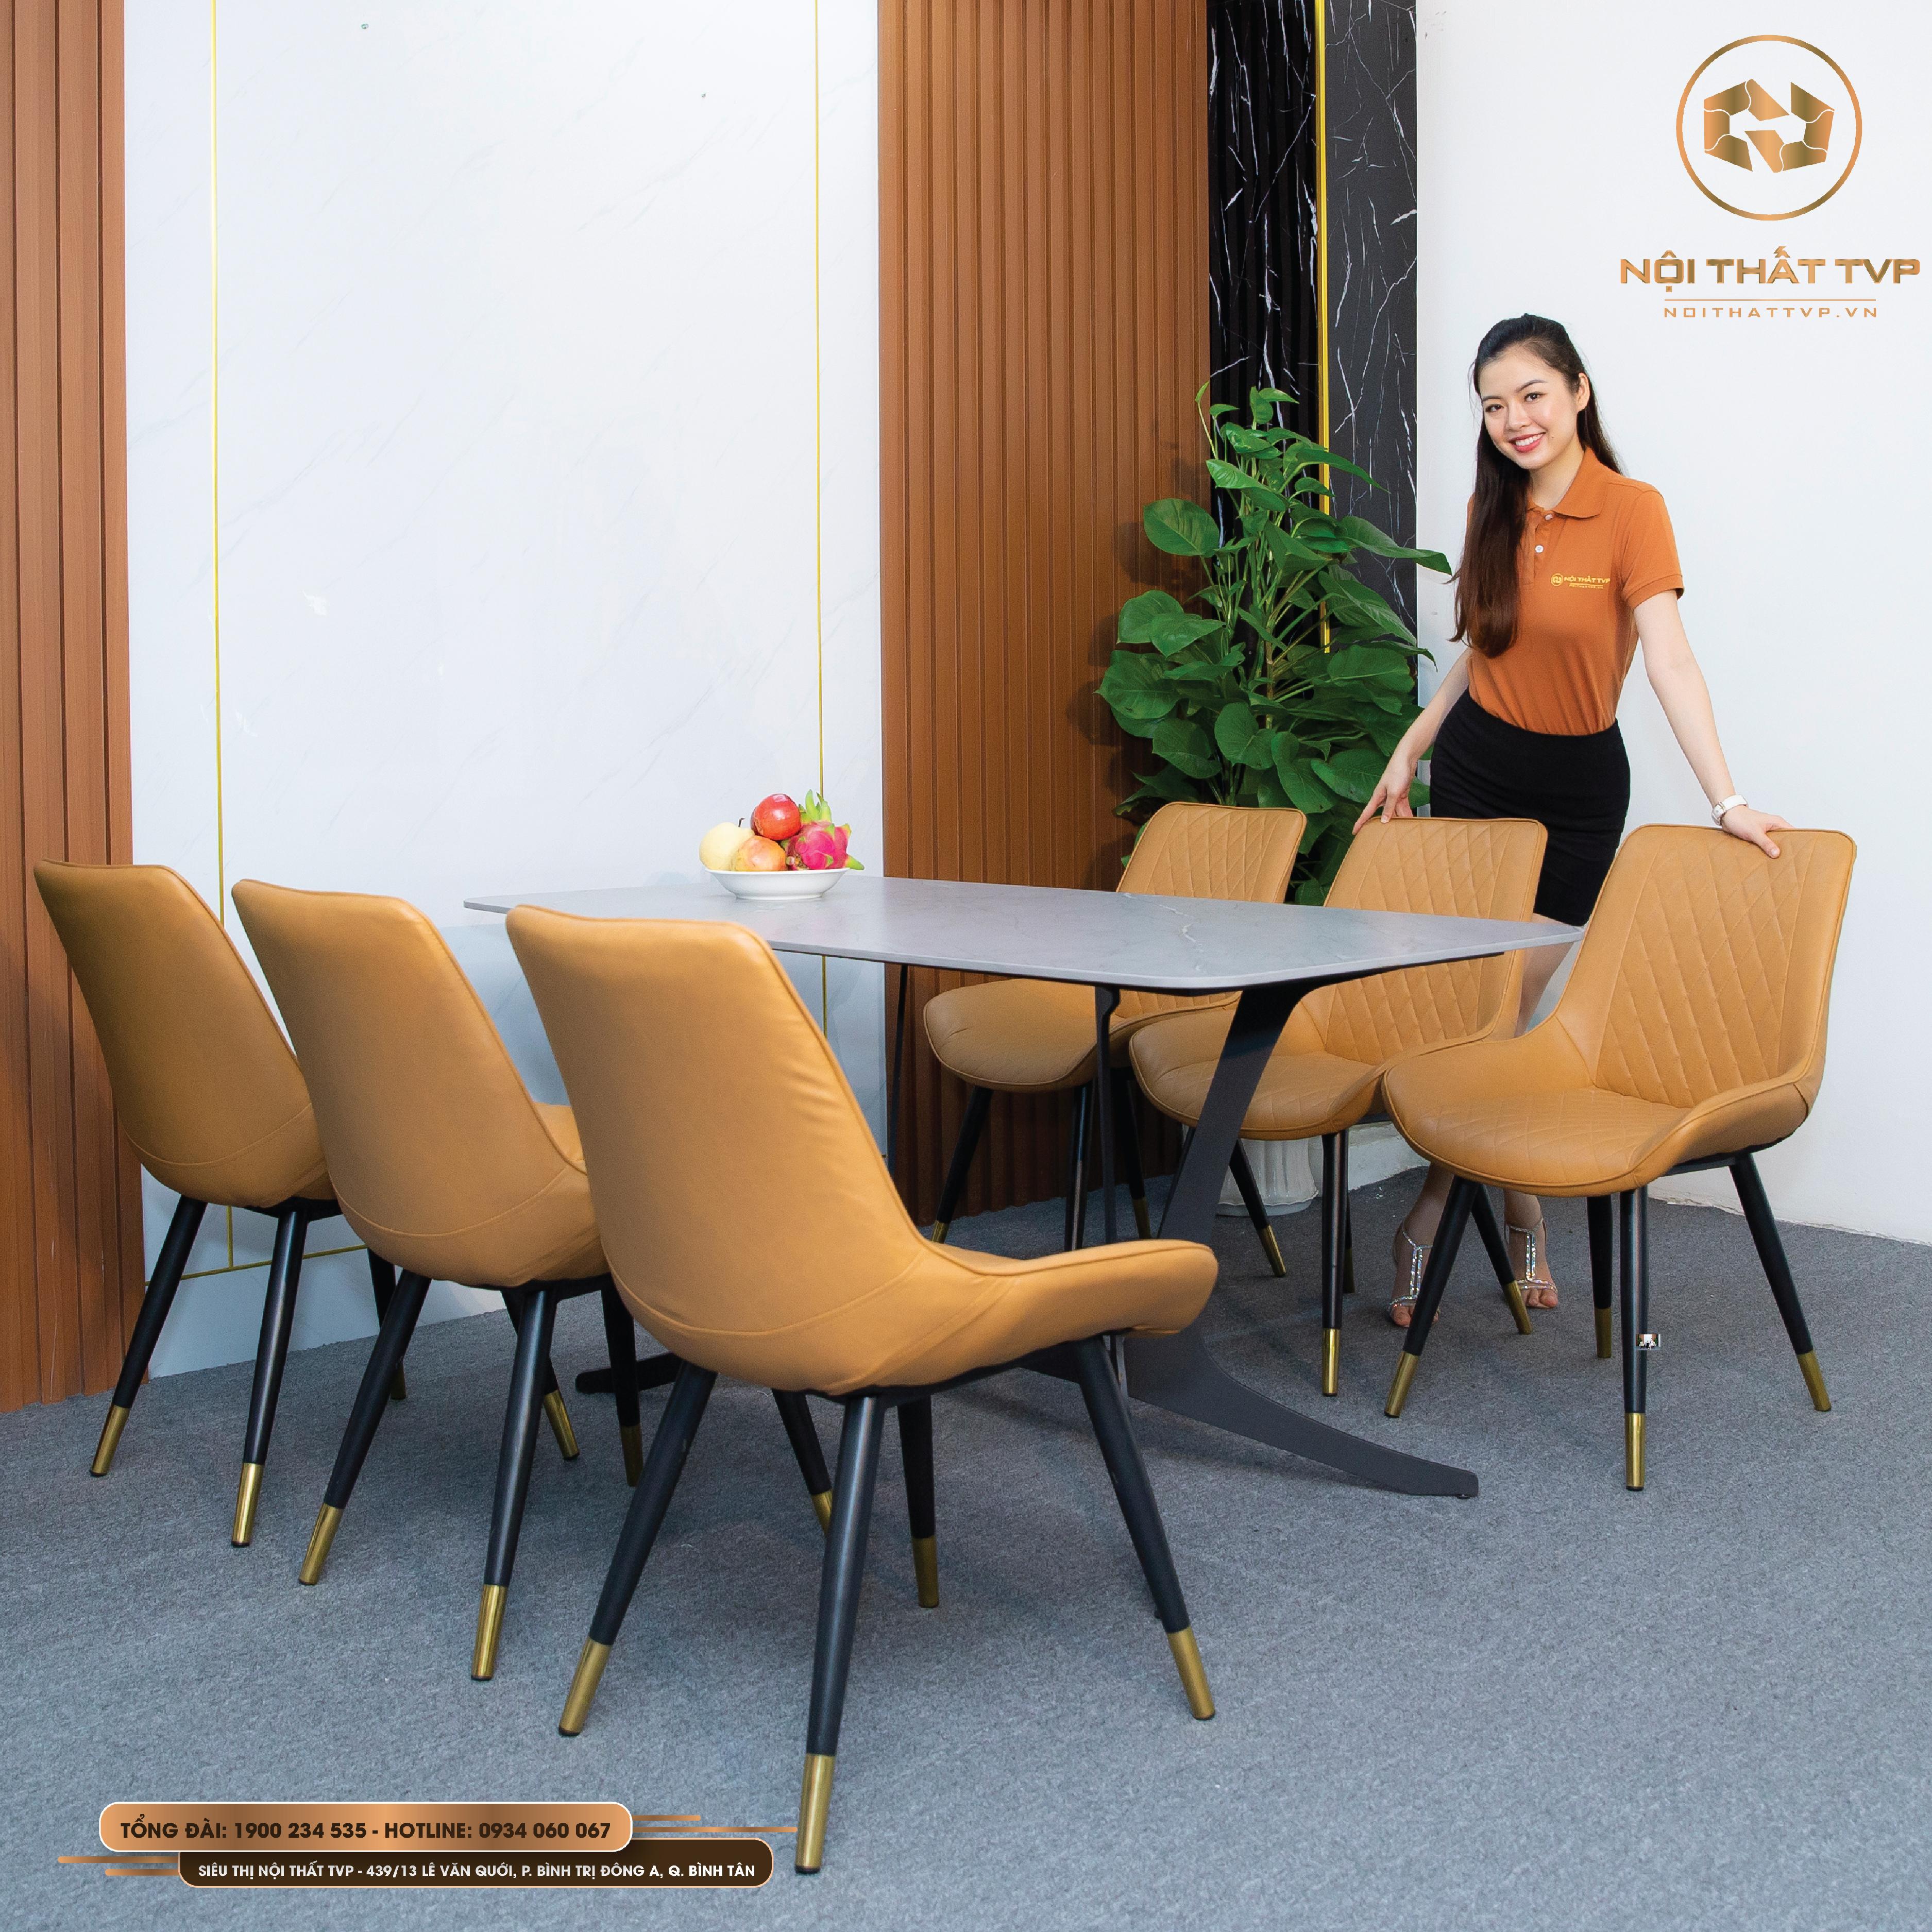 Bộ bàn ăn 6 ghế nhập khẩu 202112